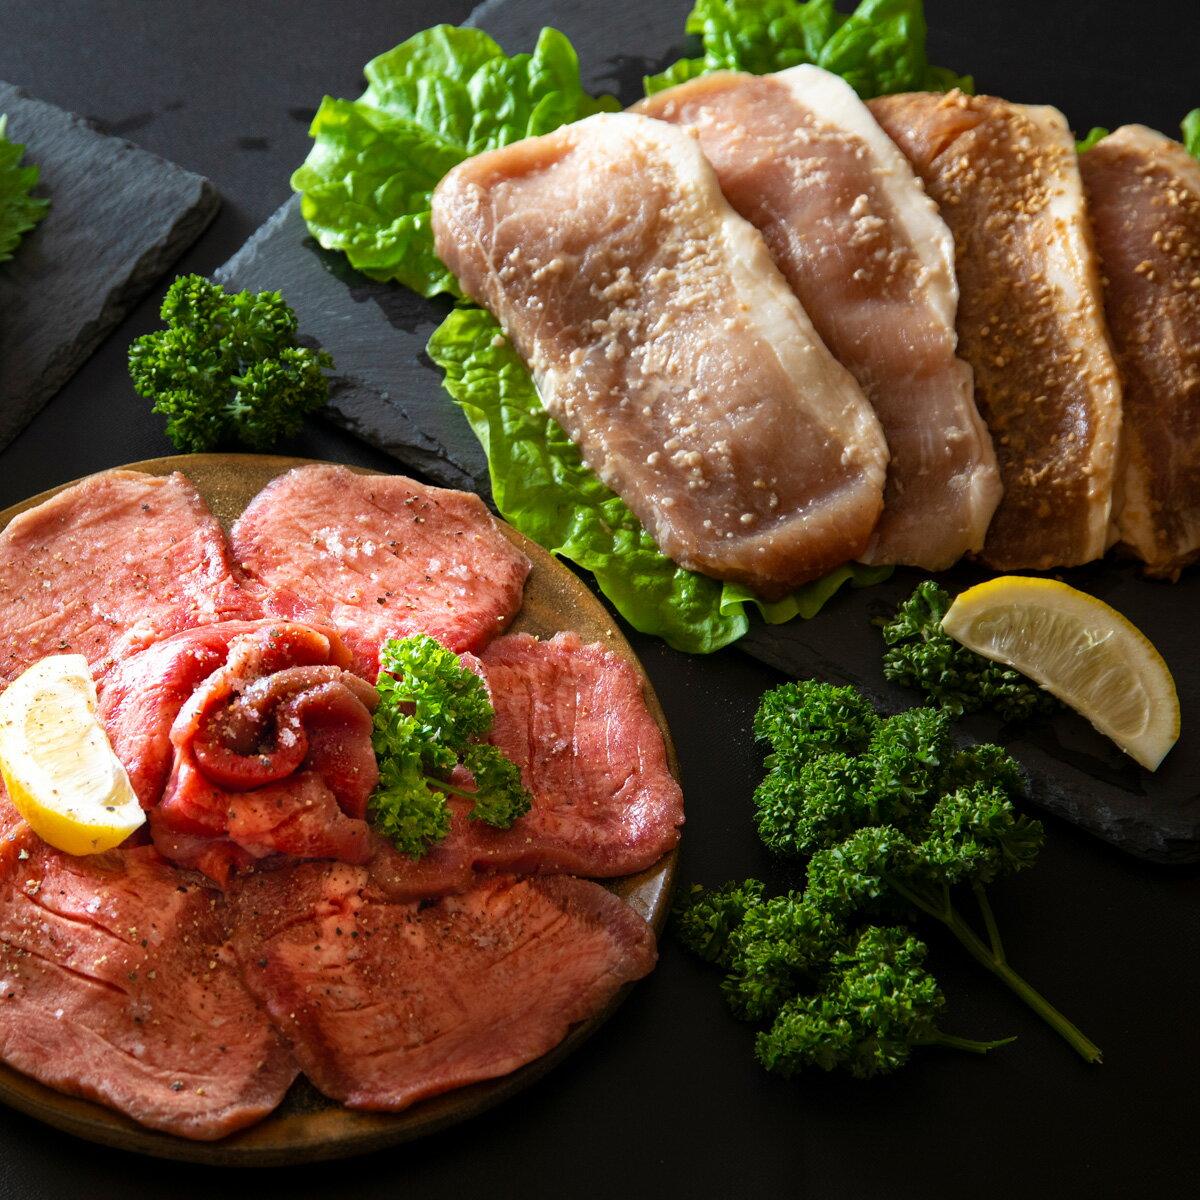 【ふるさと納税】高砂長寿の味 牛たん&豚セット(合計7kg!)